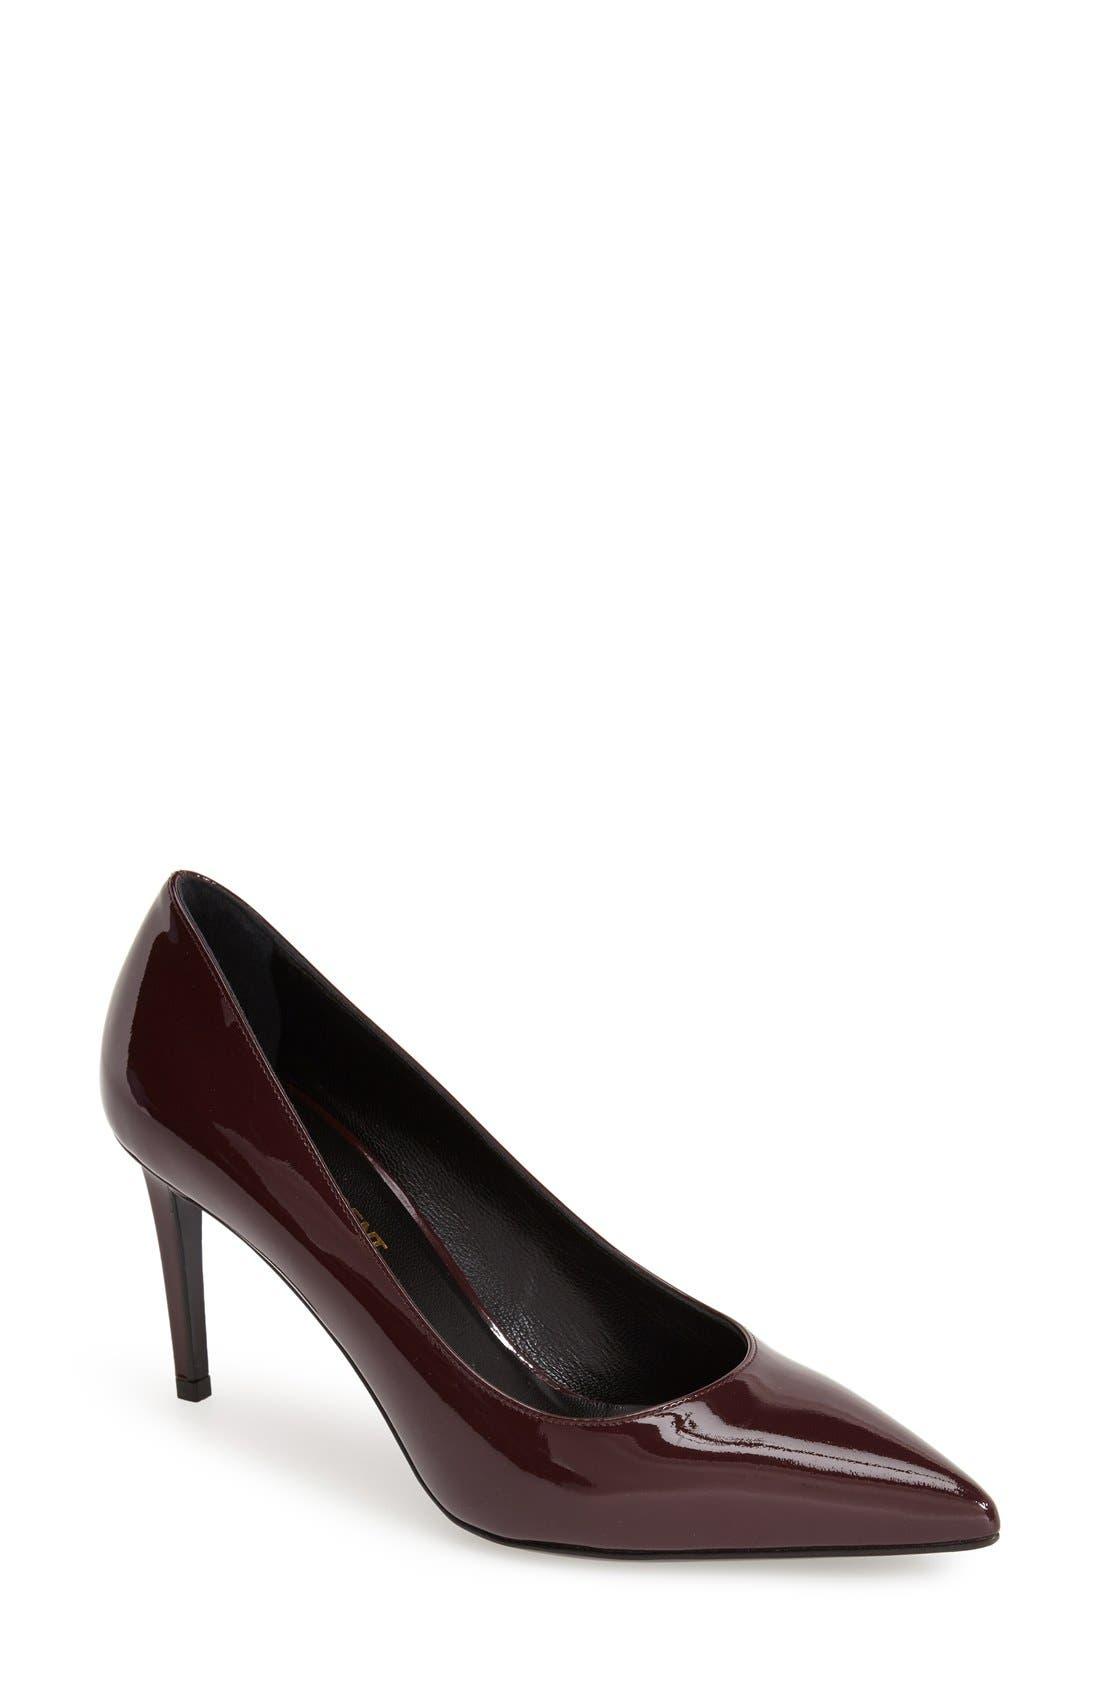 Alternate Image 1 Selected - Saint Laurent 'Paris' Pointy Toe Pump (Women)